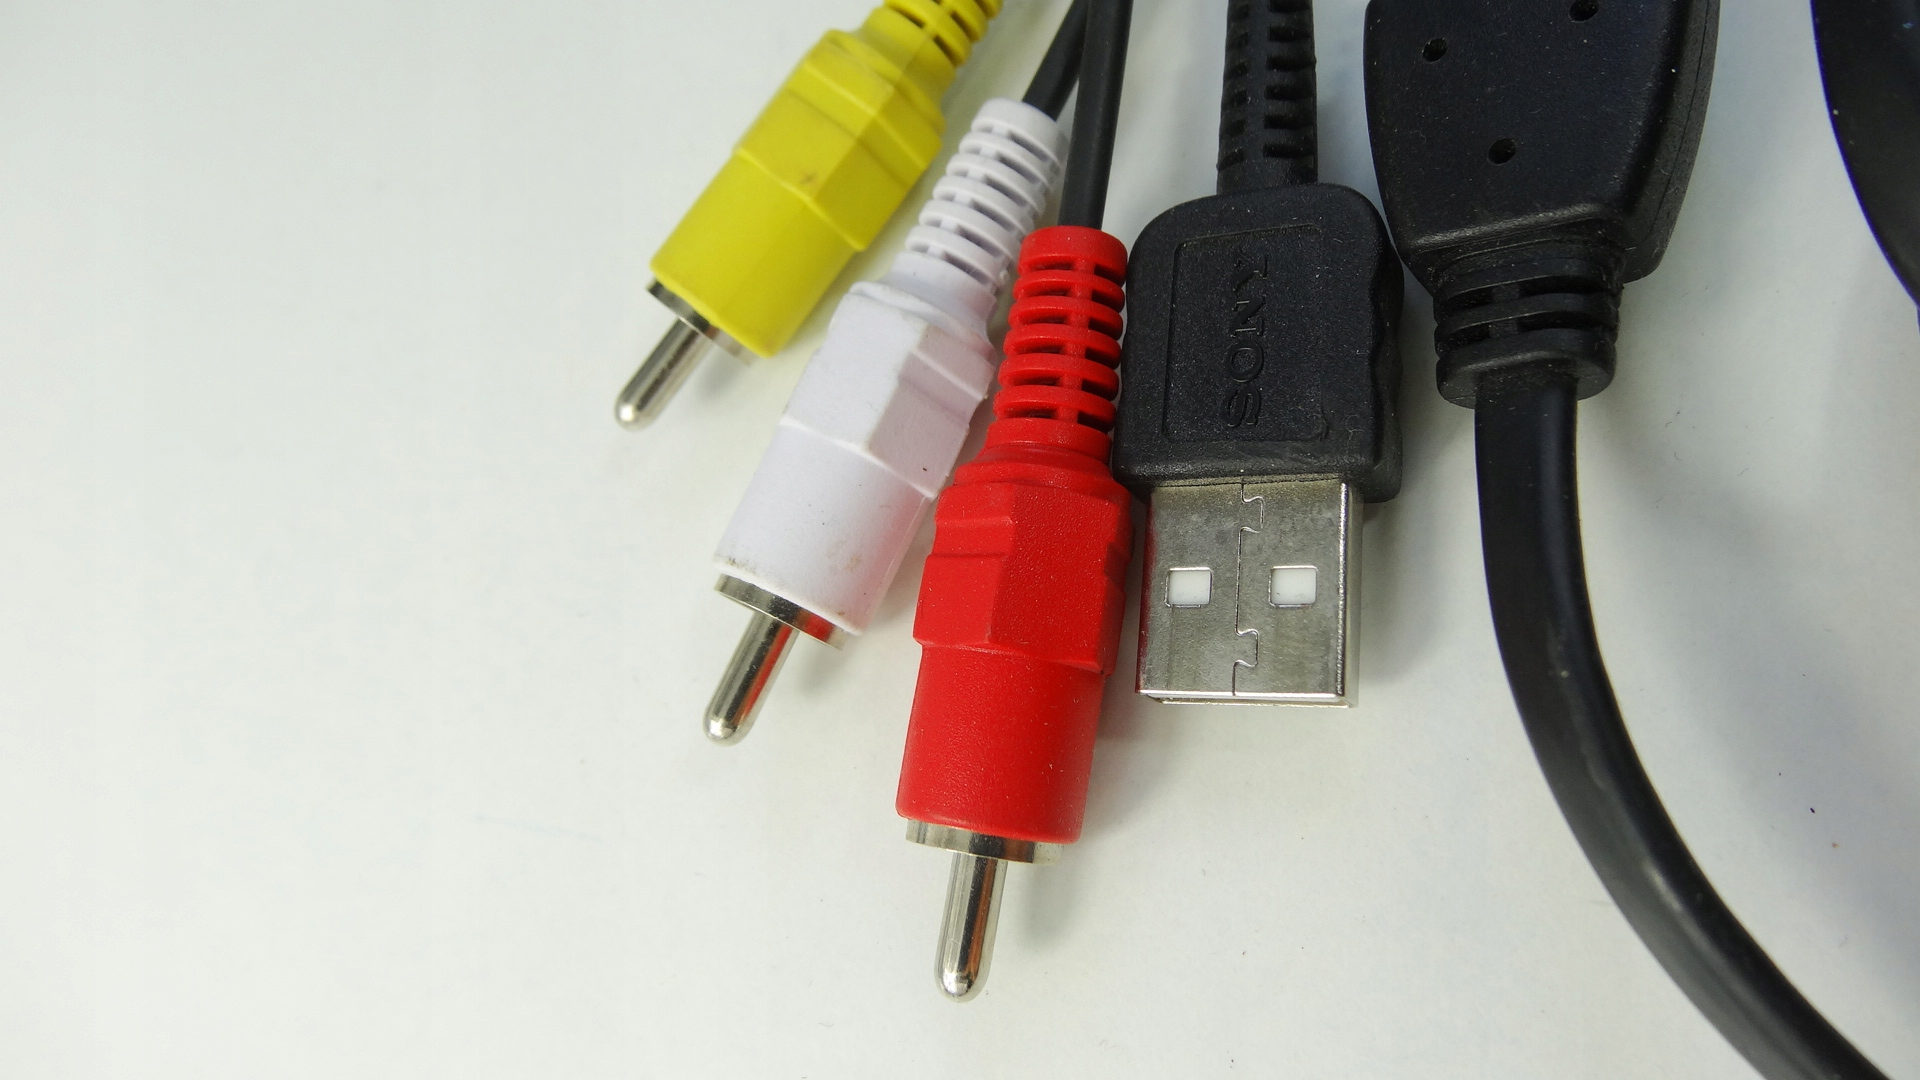 KABEL SONY TYPE-2 USB RCA AV DO APARATU CYBER SHOT